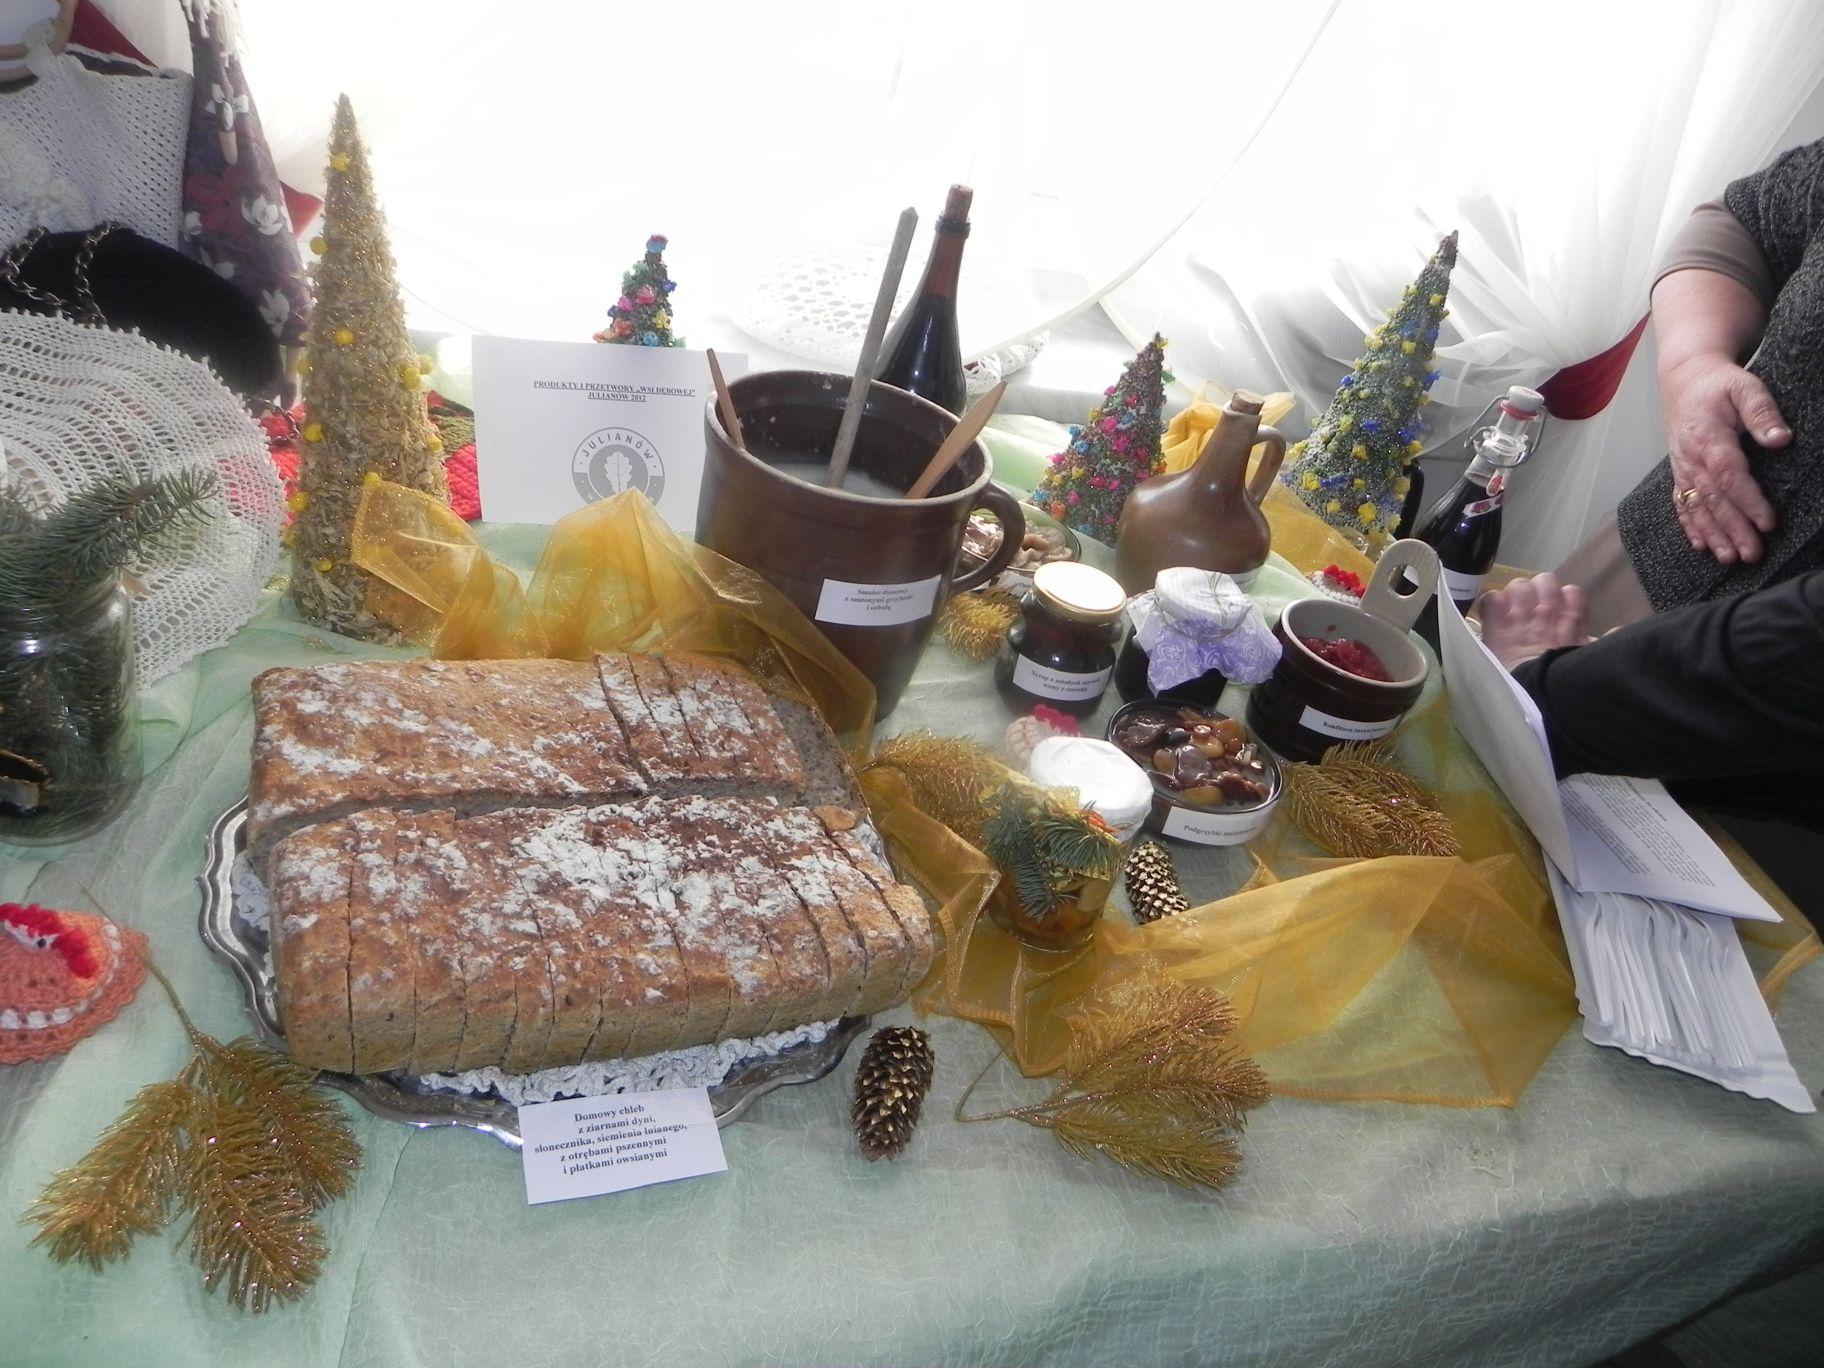 2012-12-14 Wilkowice - Konferencja Wioski tematyczne (61)